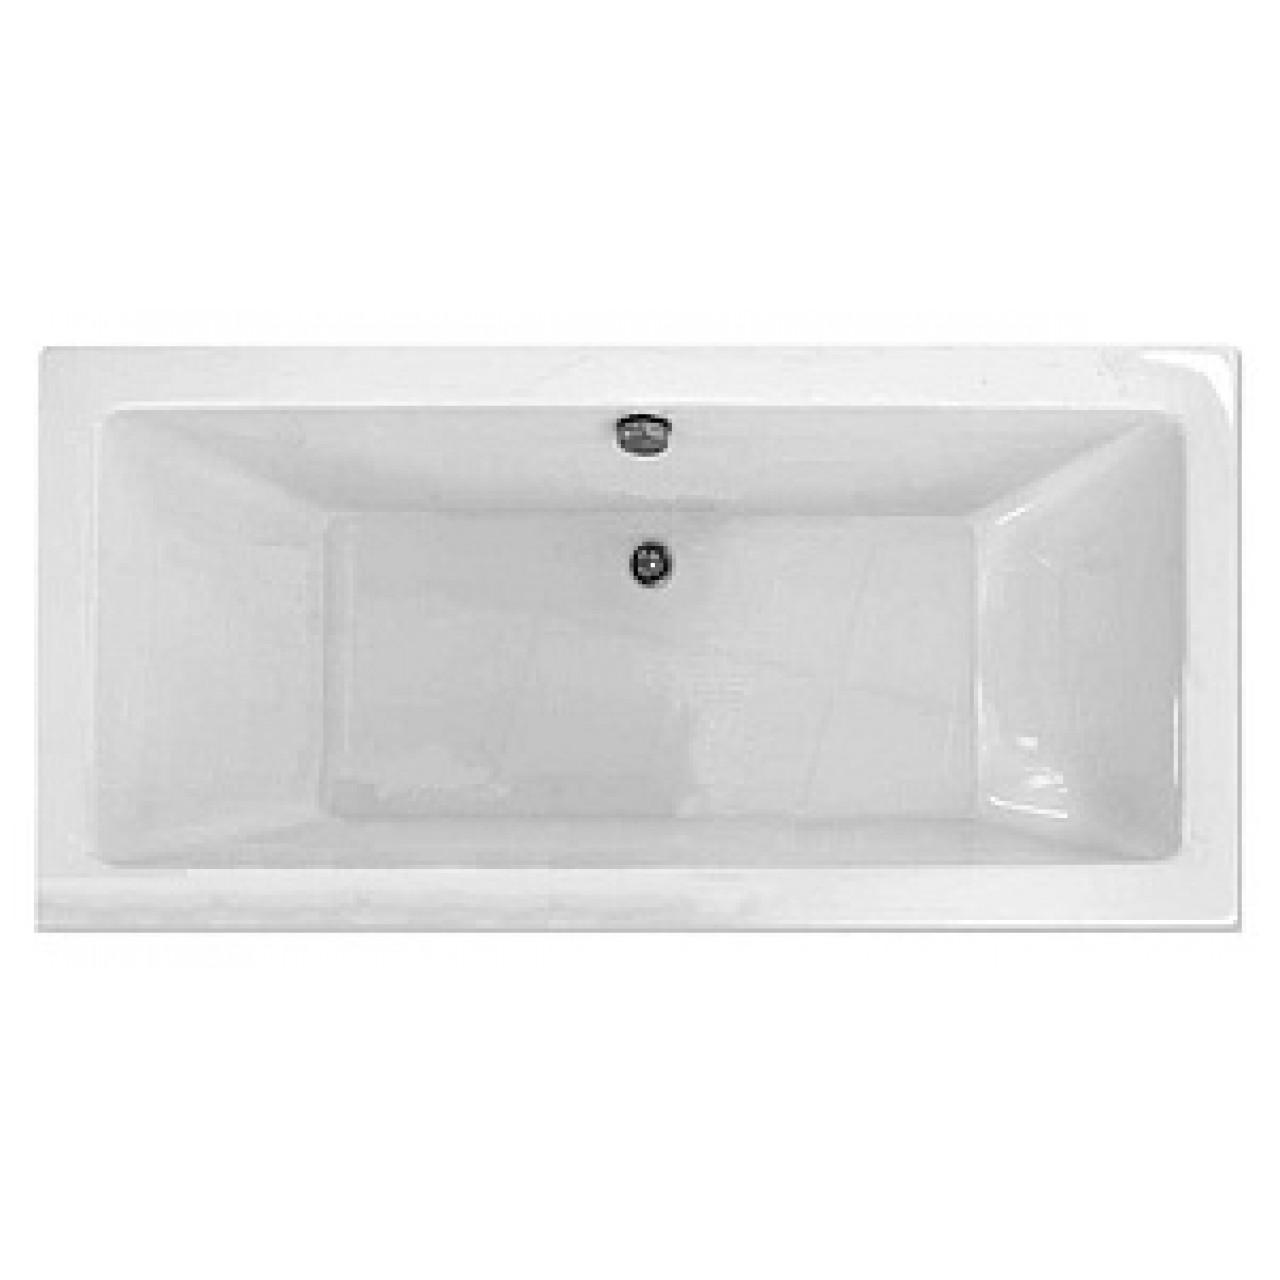 Акриловая ванна Triton Валенсия 1700х750х640 купить в Москве по цене от 16200р. в интернет-магазине mebel-v-vannu.ru